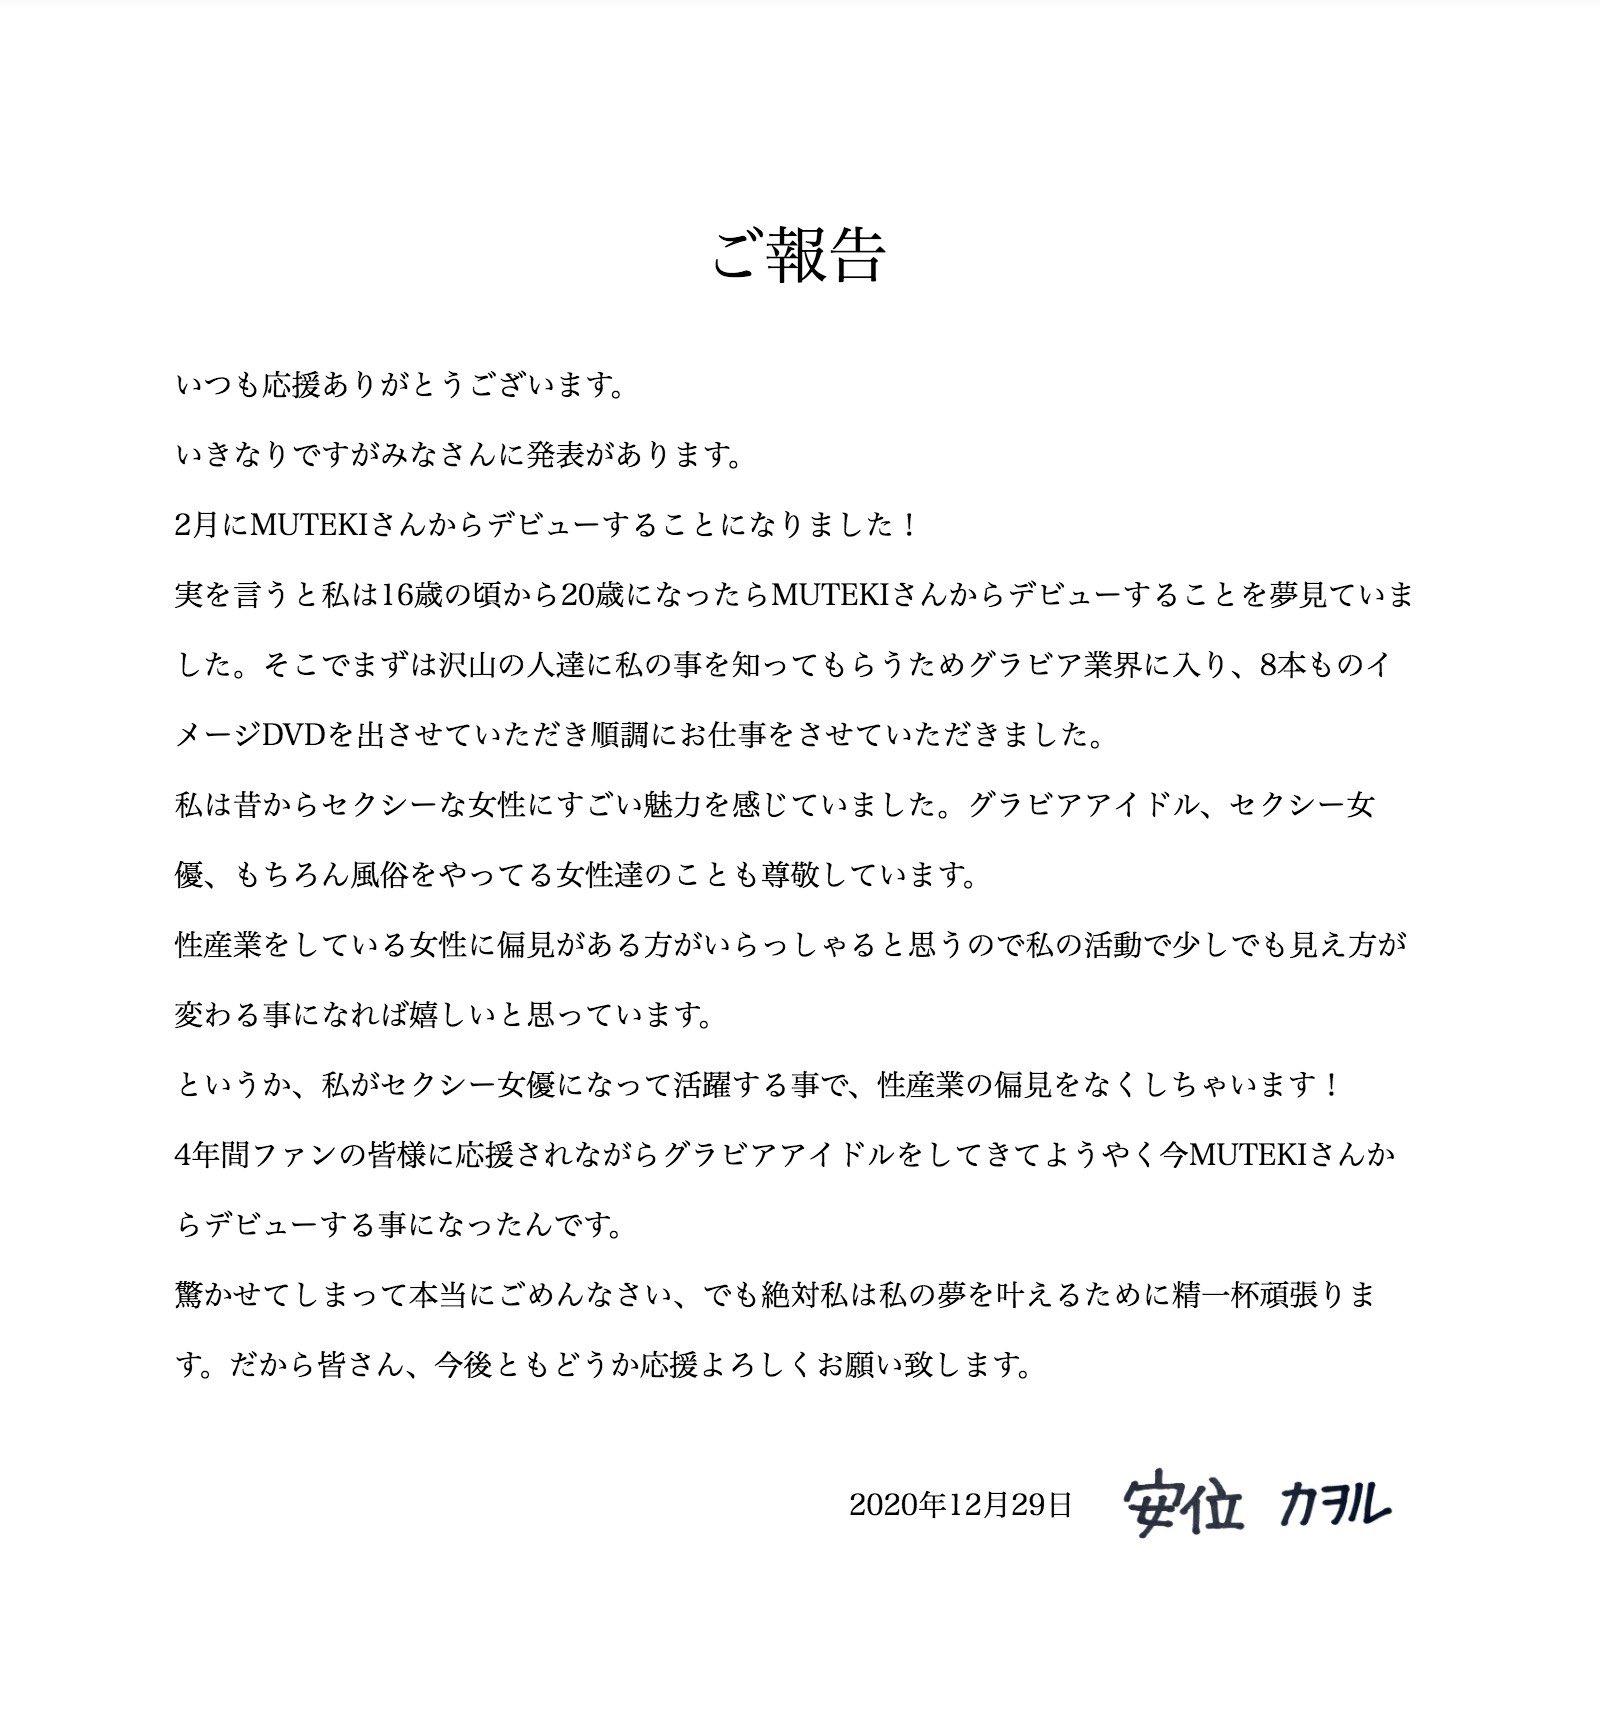 安位カヲルさんがAVデビューを報告したキャプチャ画像